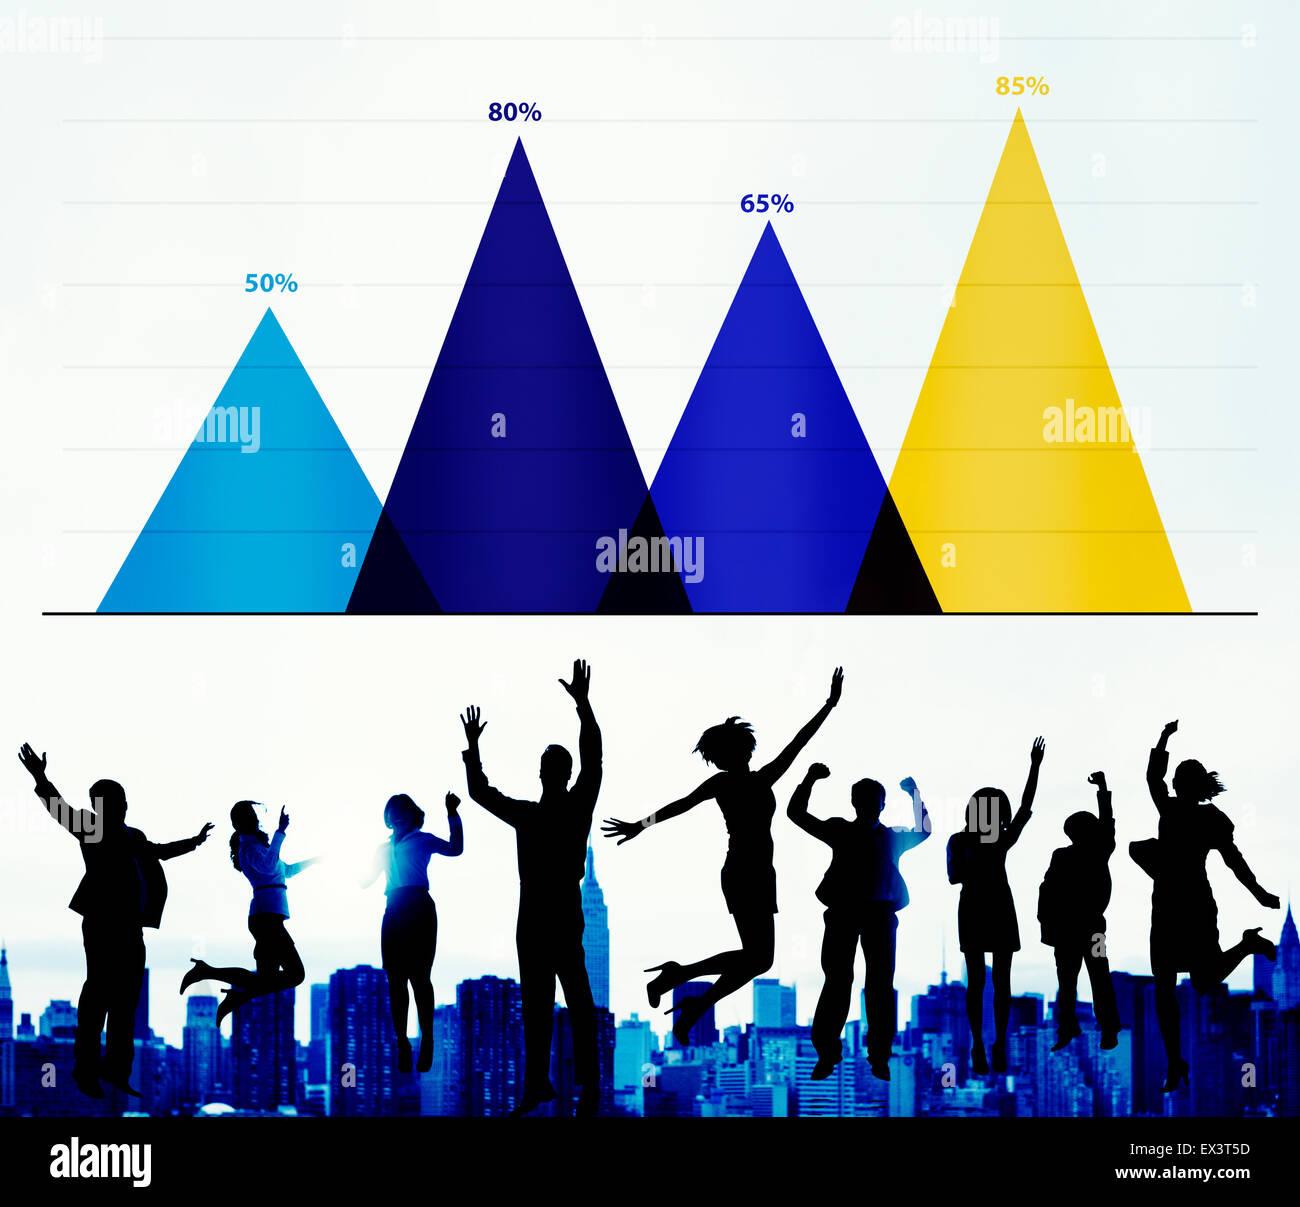 Stratégie d'analyse des données d'entreprise Concept Graphique Marketing Photo Stock